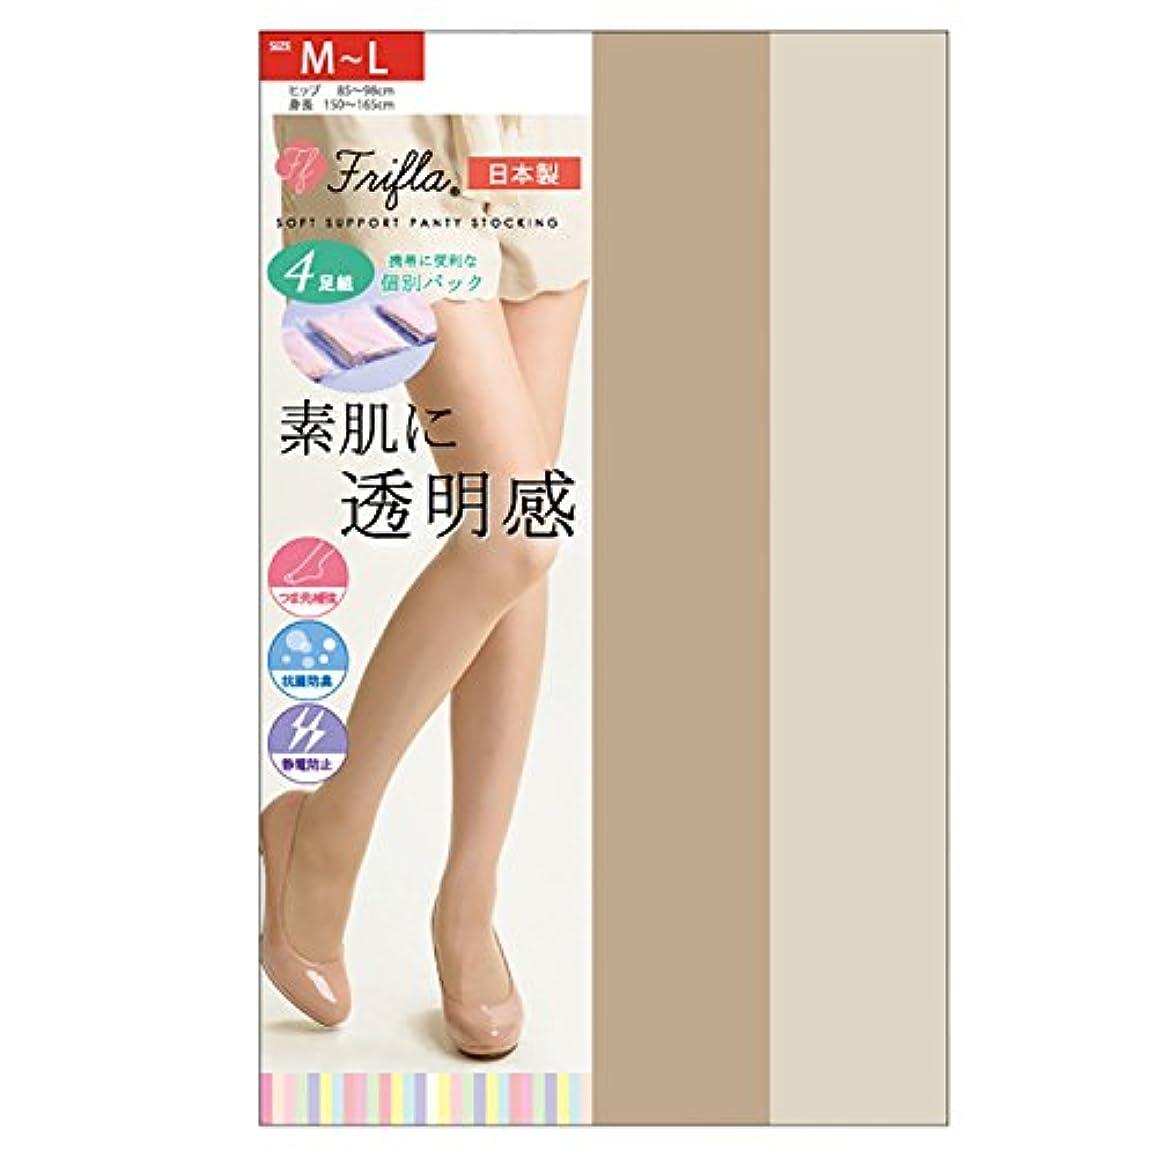 素肌に透明感 ソフトサポートタイプ 交編ストッキング 4足組 日本製-素肌感 個包装 抗菌防臭 静電気防止 M-L L-LL パンスト (M-L, ピュアベージュ)